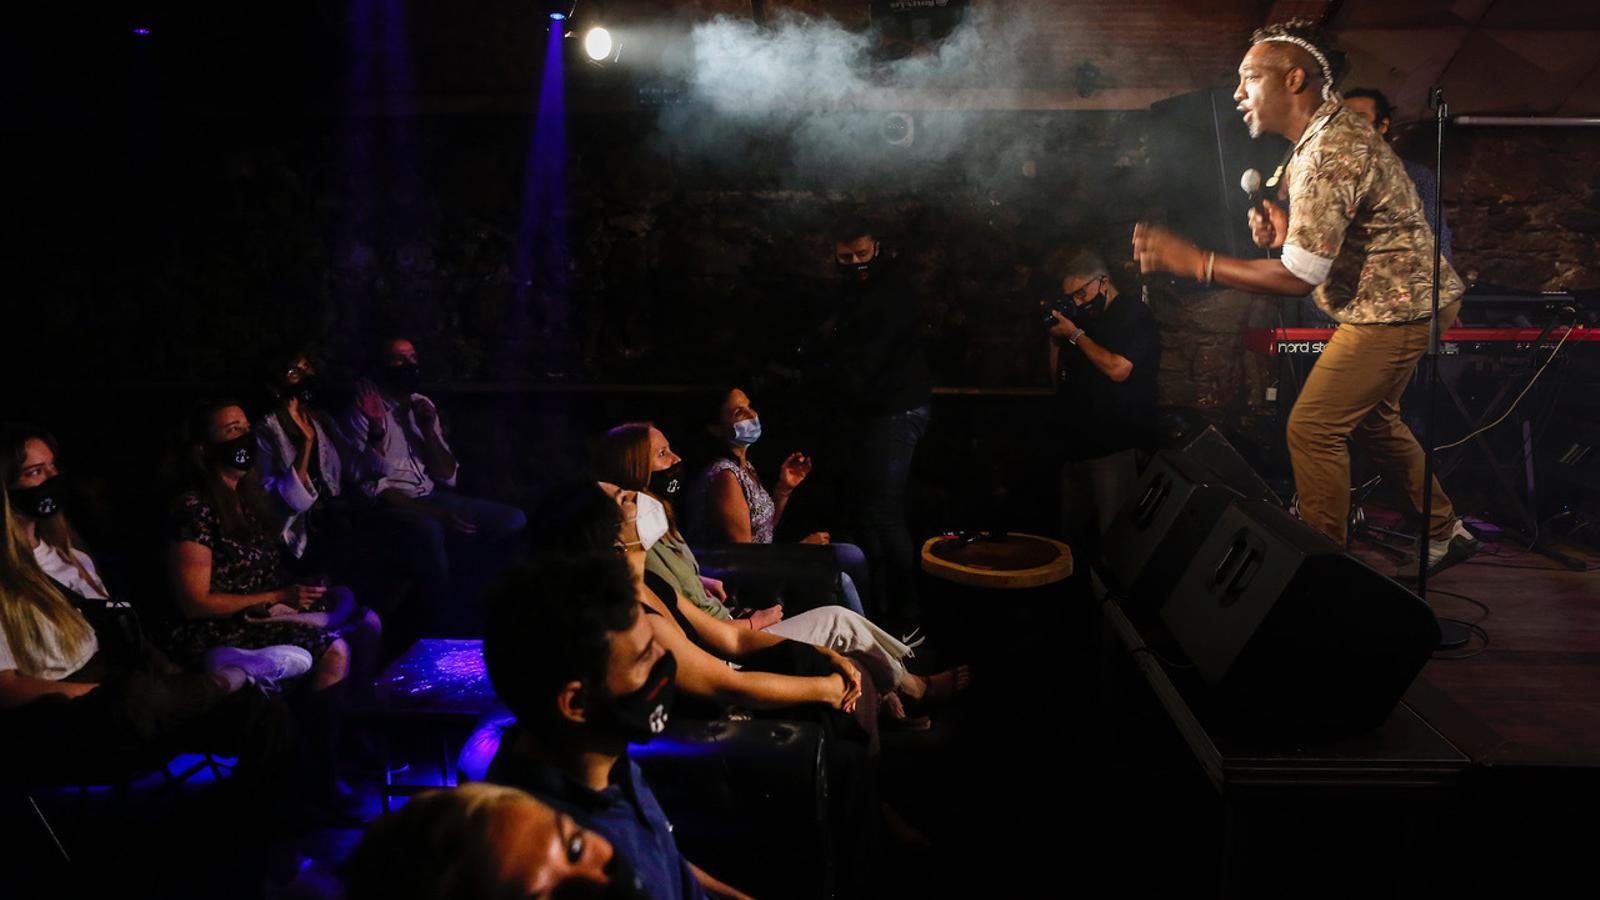 I el públic (amb mascareta) torna a aplaudir en un concert al Jamboree